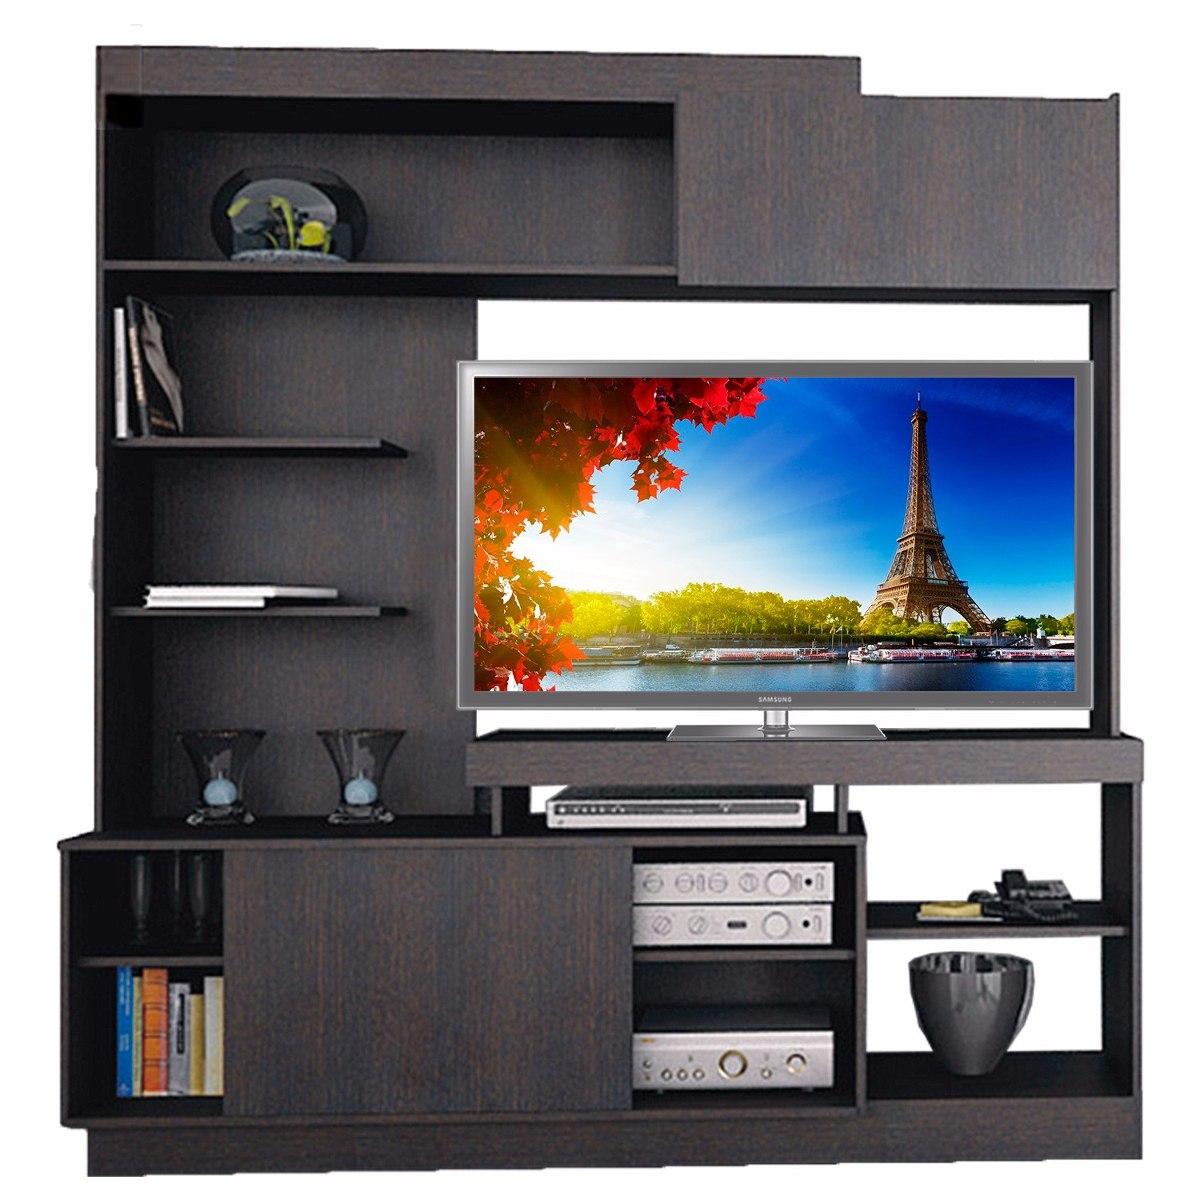 Modular Rack Mesa Tv Lcd Led Mueble 32 40 42 Fiplasto 7200  # Muebles Fiplasto